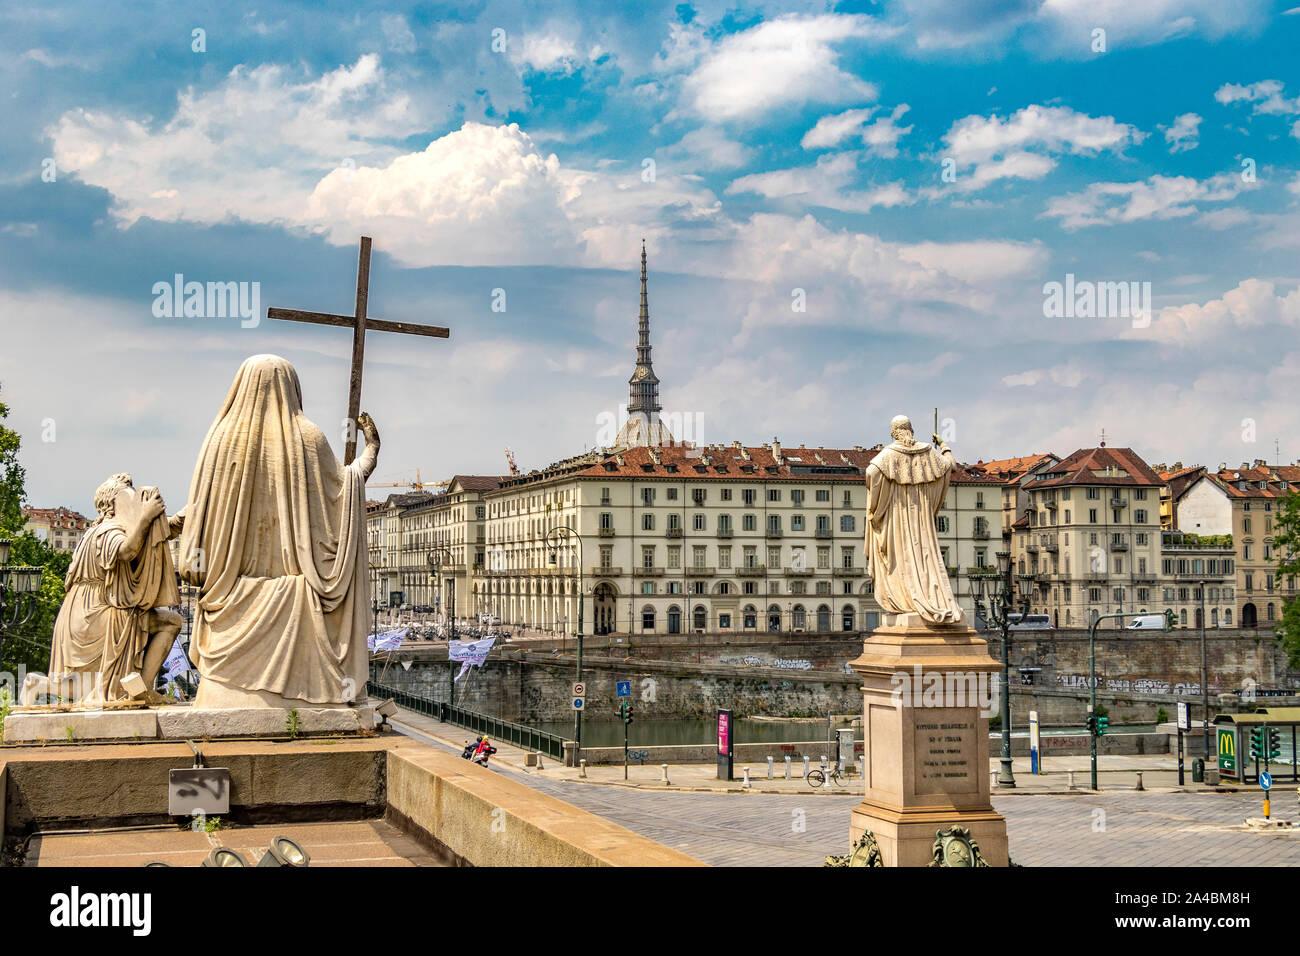 Las estatuas de la fe y la religión frente a la ciudad de Turín, cruzando el río Po,en la parte superior de los pasos de la Chiesa della Gran Madre di Dio inTurin,Italia Foto de stock